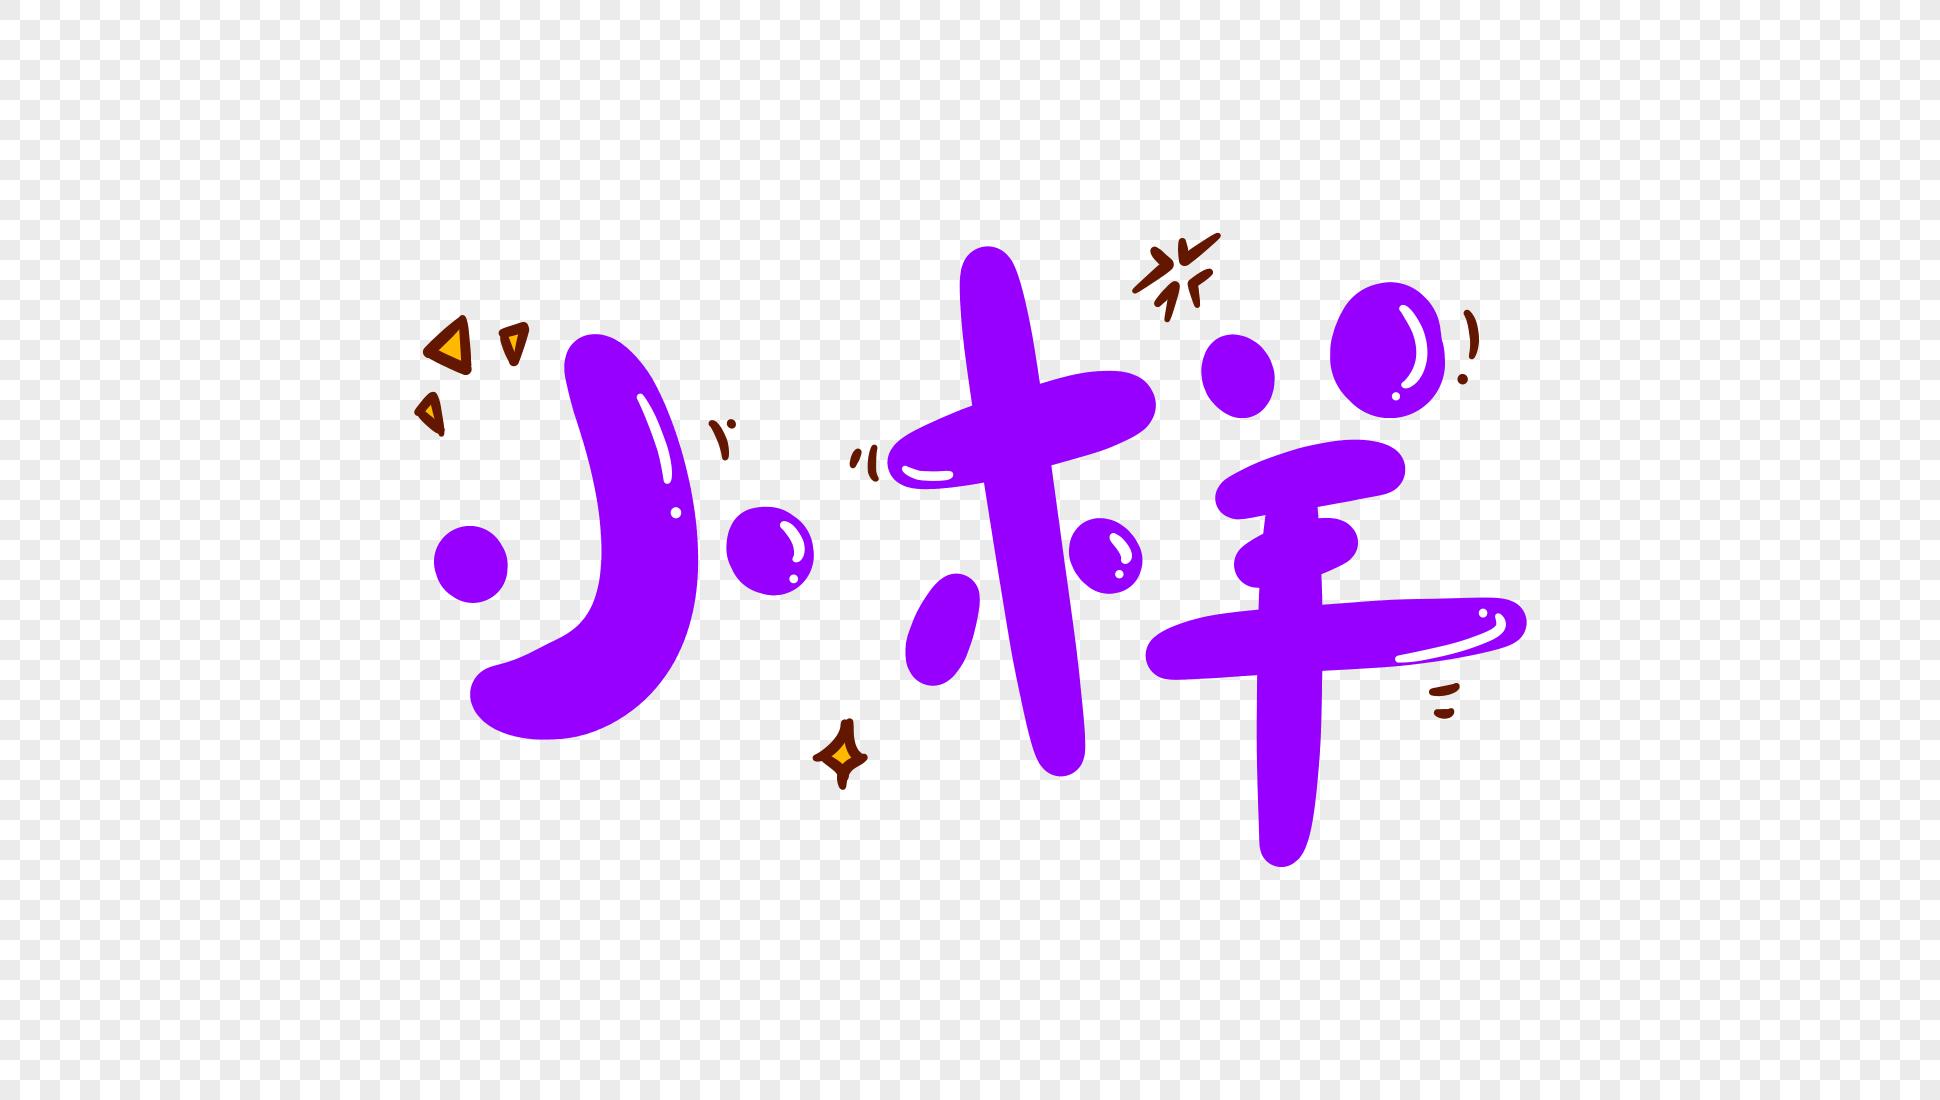 bản mo rát hoạt hình thiết kế phông chữ